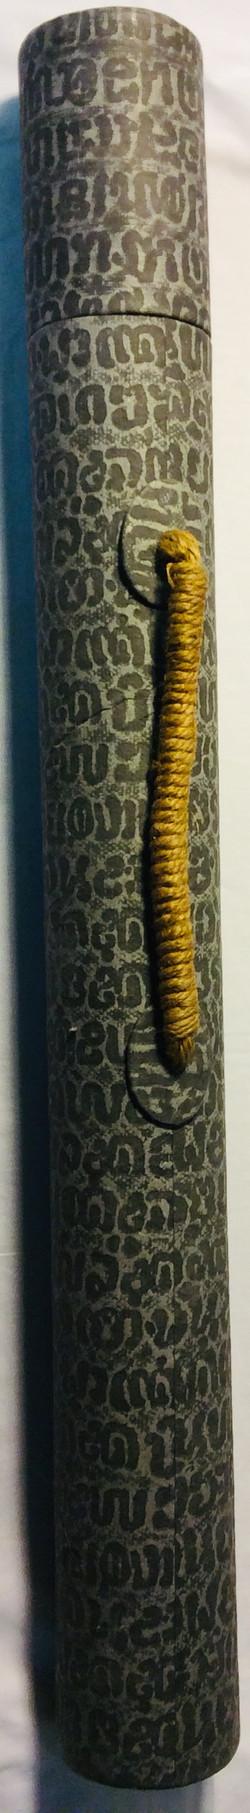 Faux snake skin sacred scroll tube